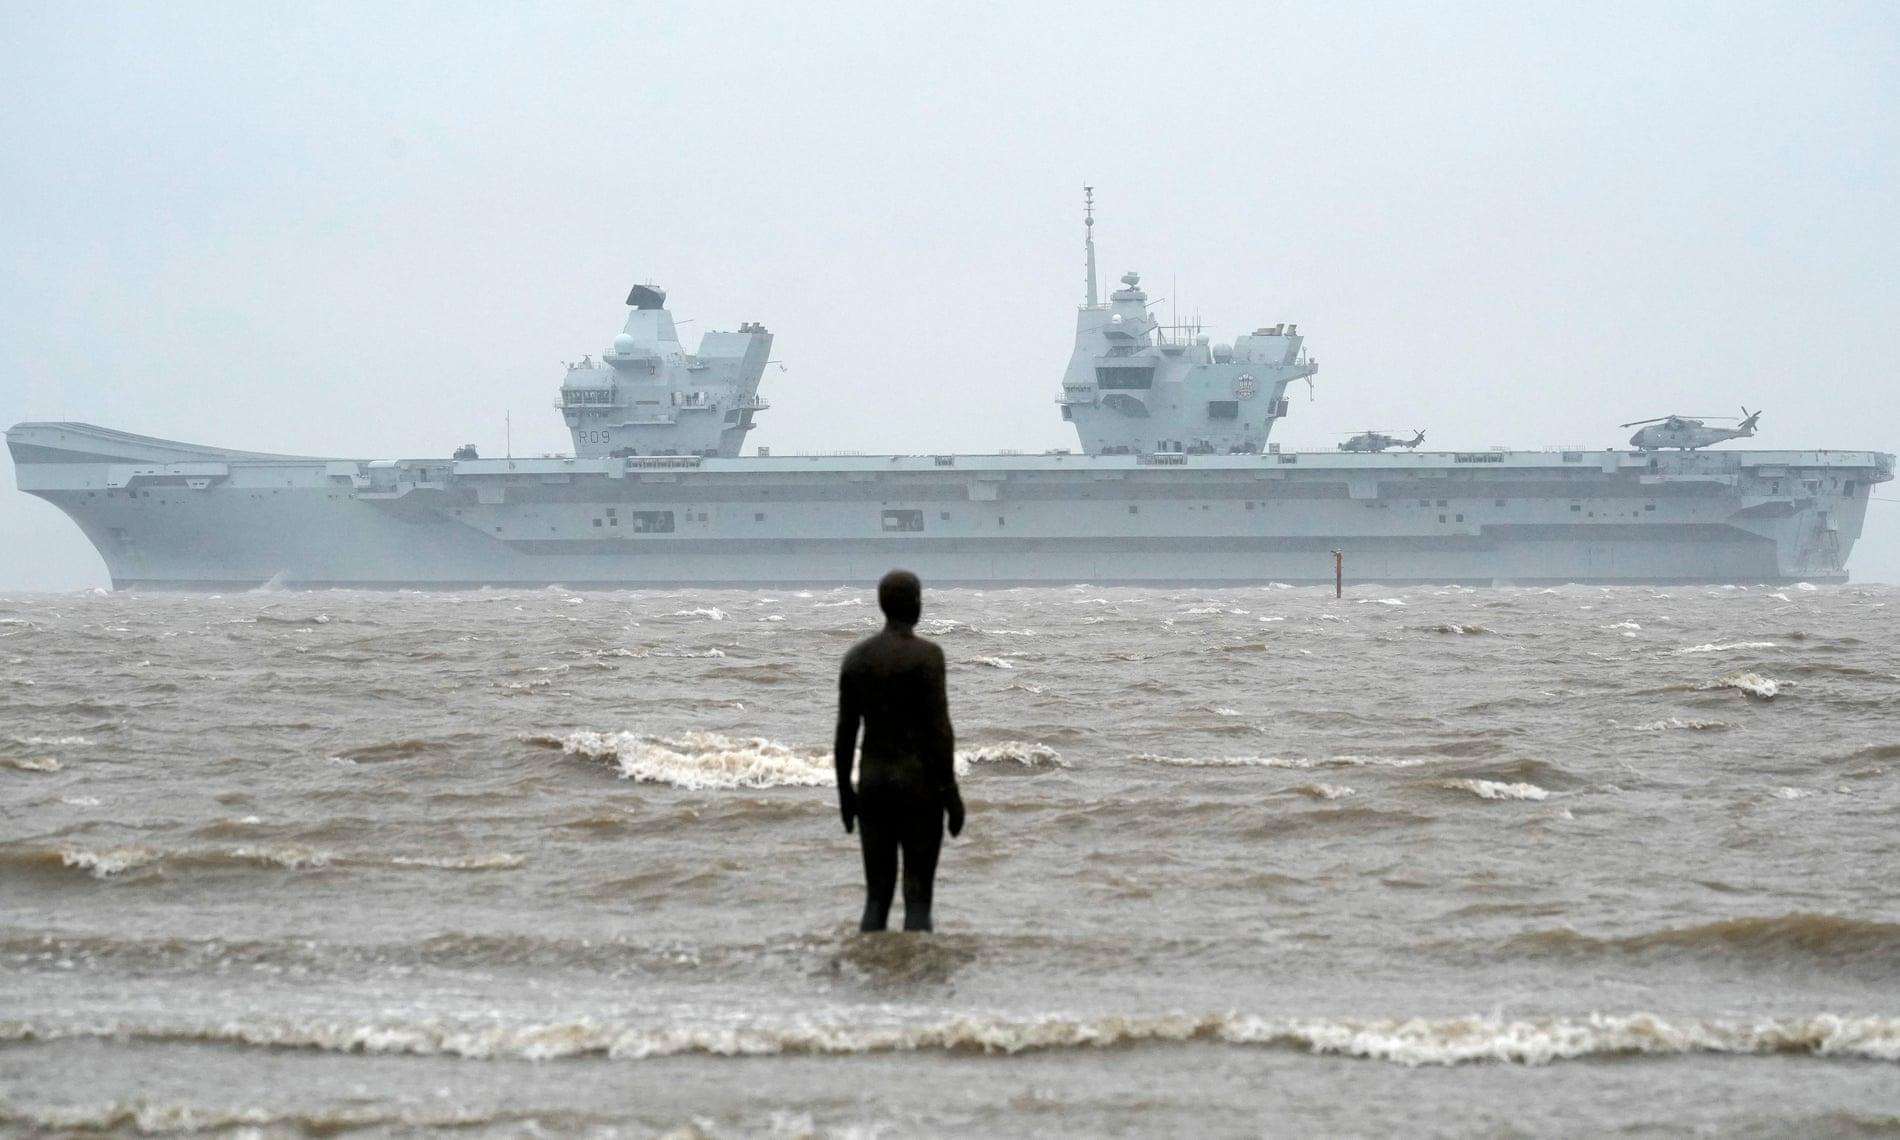 HMSPOWCrosbyBeach.jpg